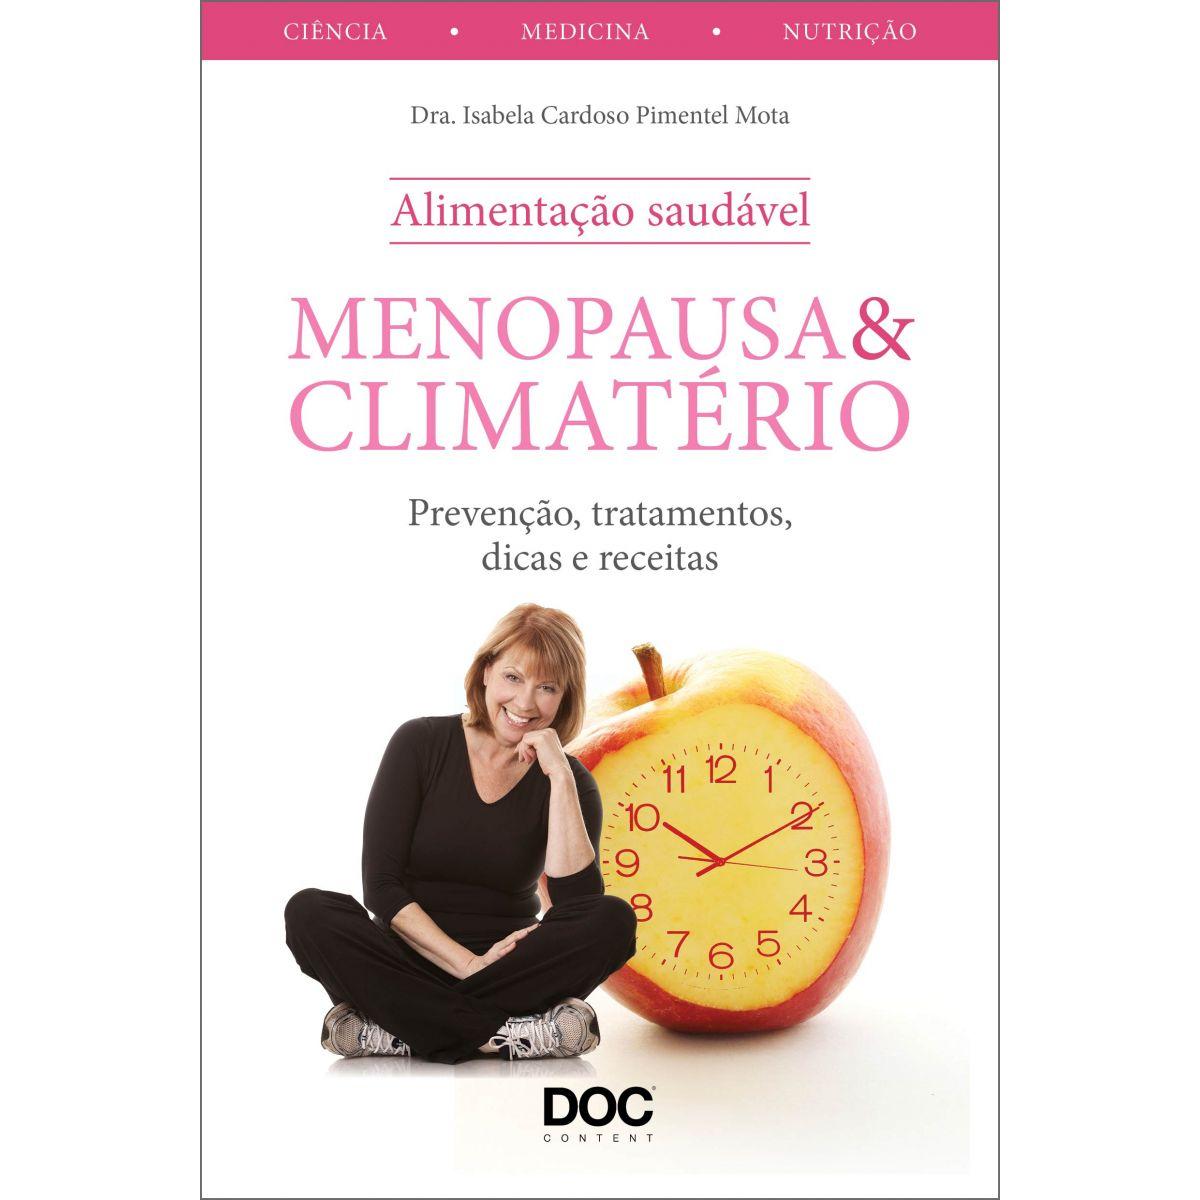 Menopausa e Climatério - Prevenção, Tratamentos, Dicas e Receitas   - DOC Content Webstore